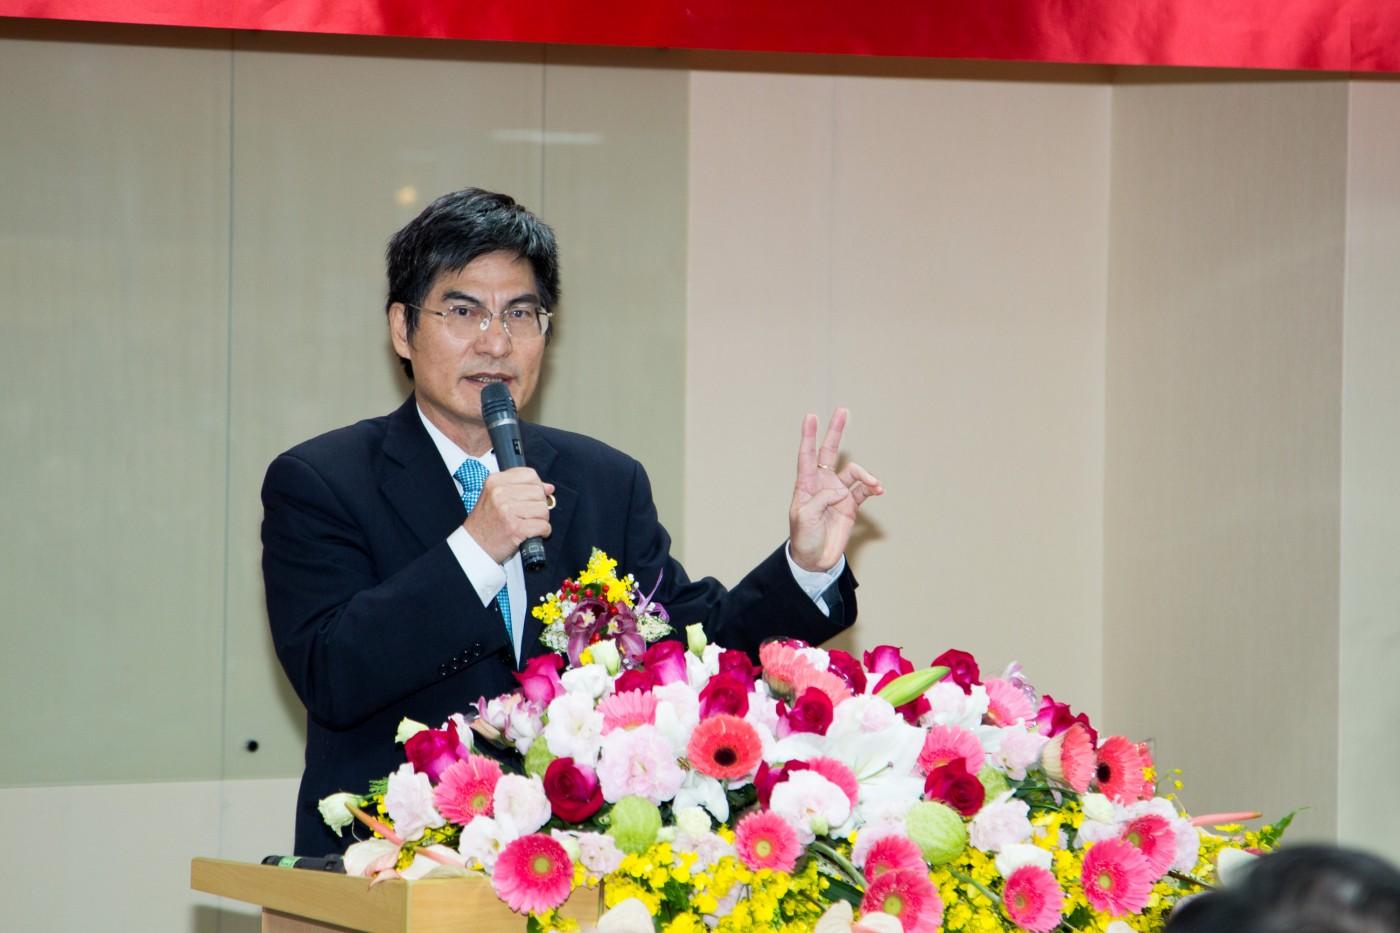 每年150萬生活費,科技部推「海外人才歸國方案」,招募一百名博士回台灣